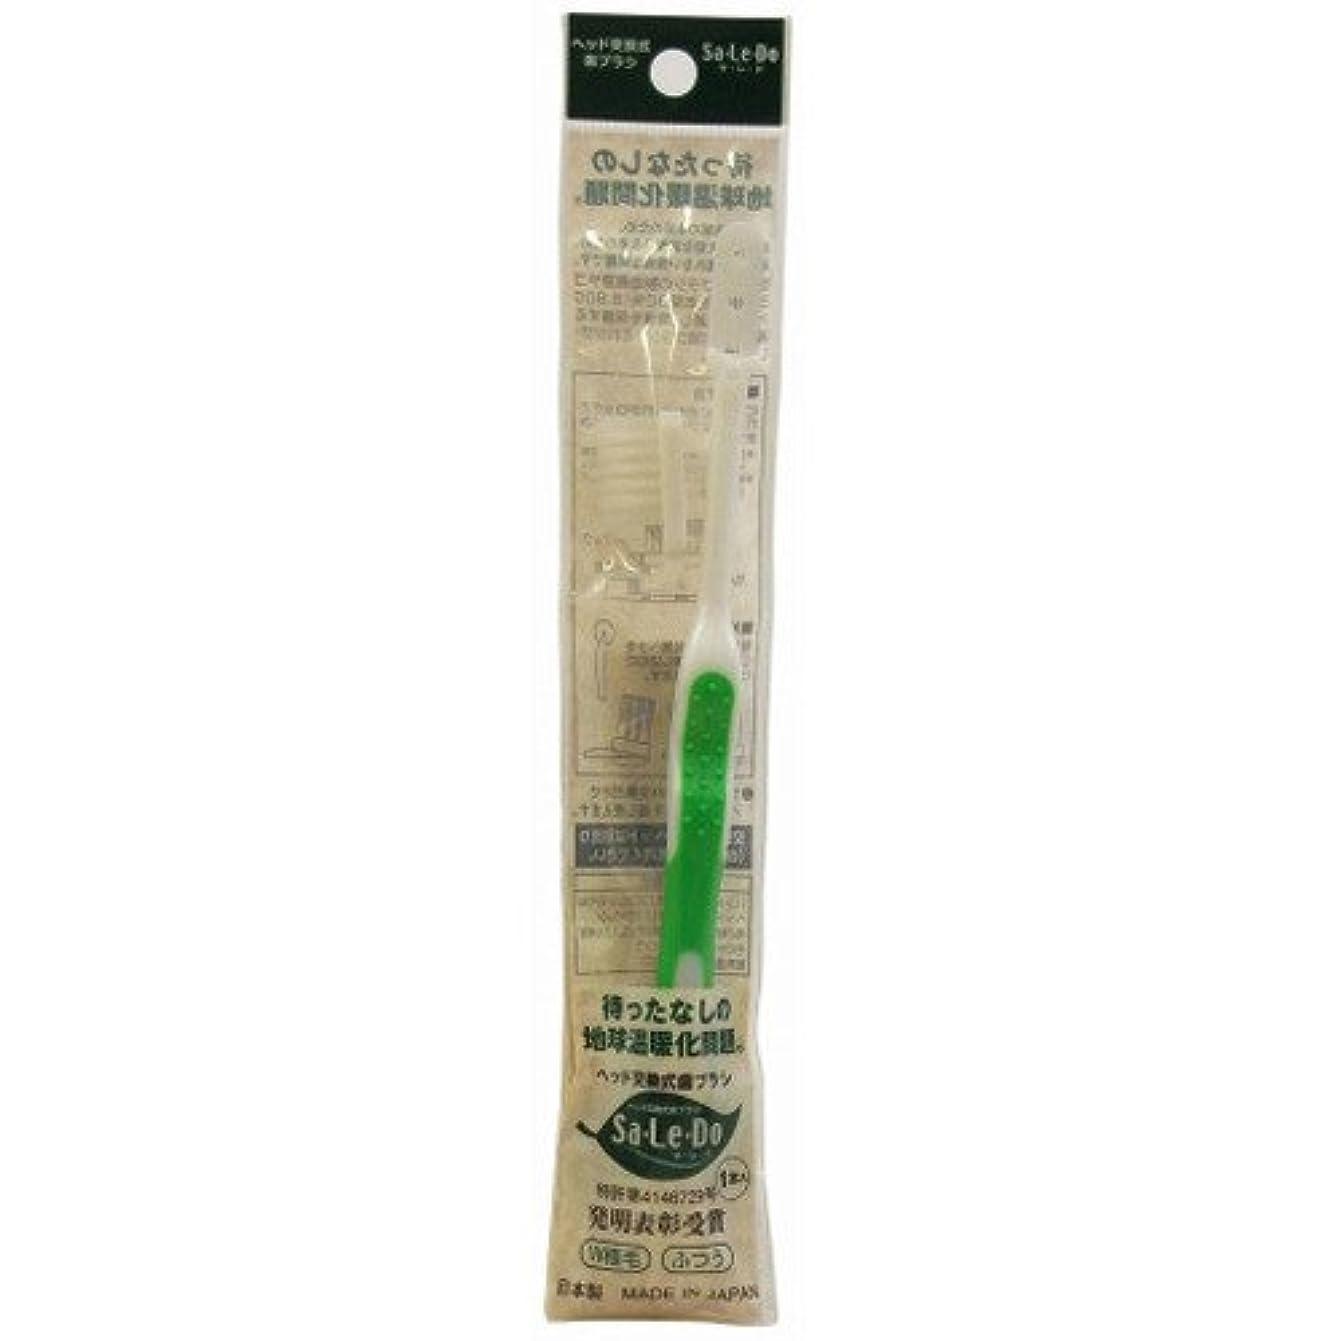 余裕がある蜜強化サレド ヘッド交換式歯ブラシ お試しセット レギュラーヘッド グリーン